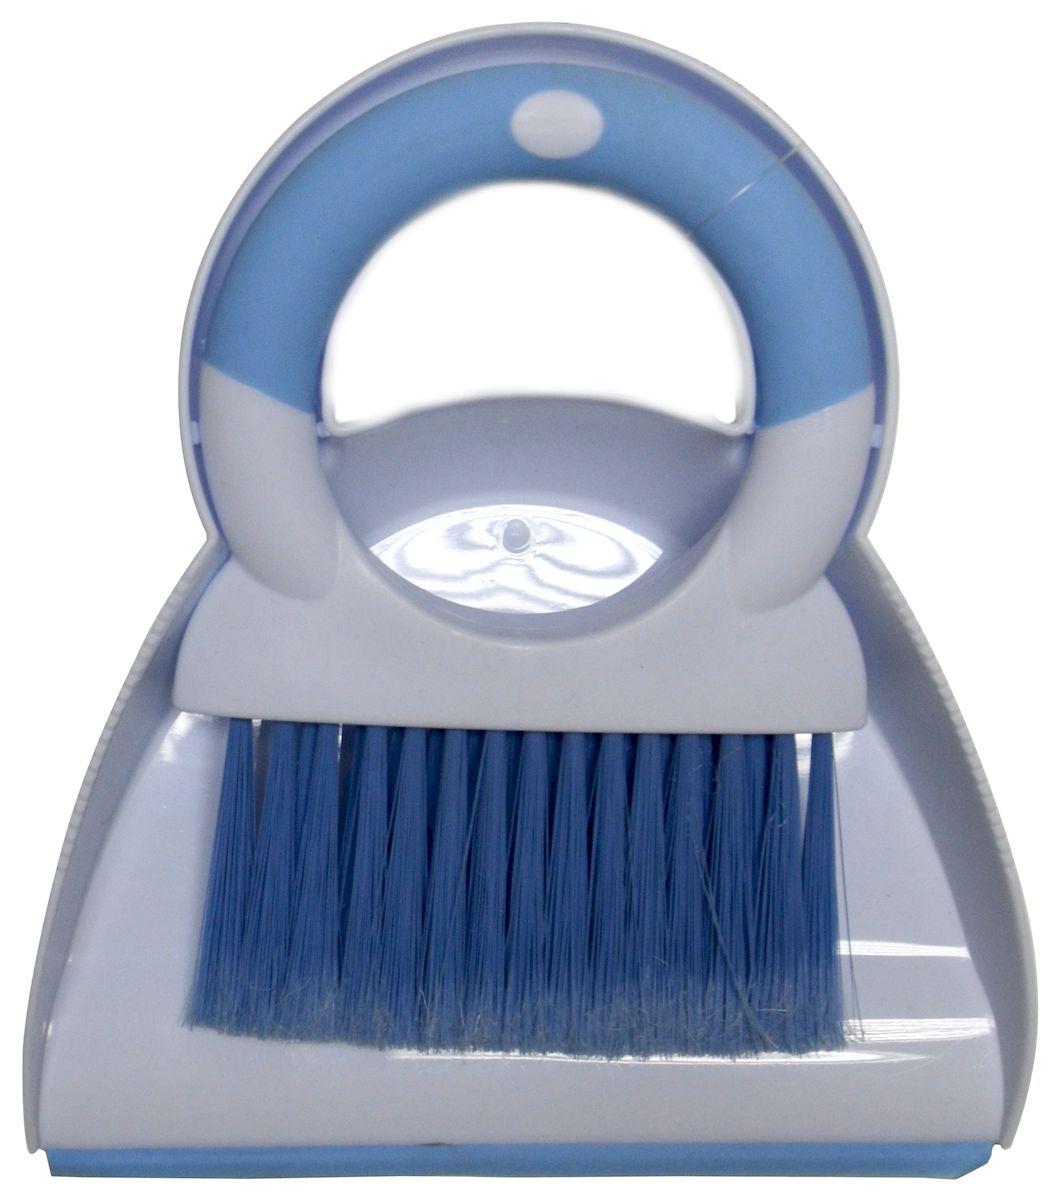 Набор для уборки Коллекция, 2 предмета ATP-2ATP-2Набор для уборки состоит из щетки-сметки и совка, будет незаменим в тех местах, где существует необходимость постоянно заметать мусор. Комплект удобен в использовании и обеспечивает качественную уборку напольного покрытия.